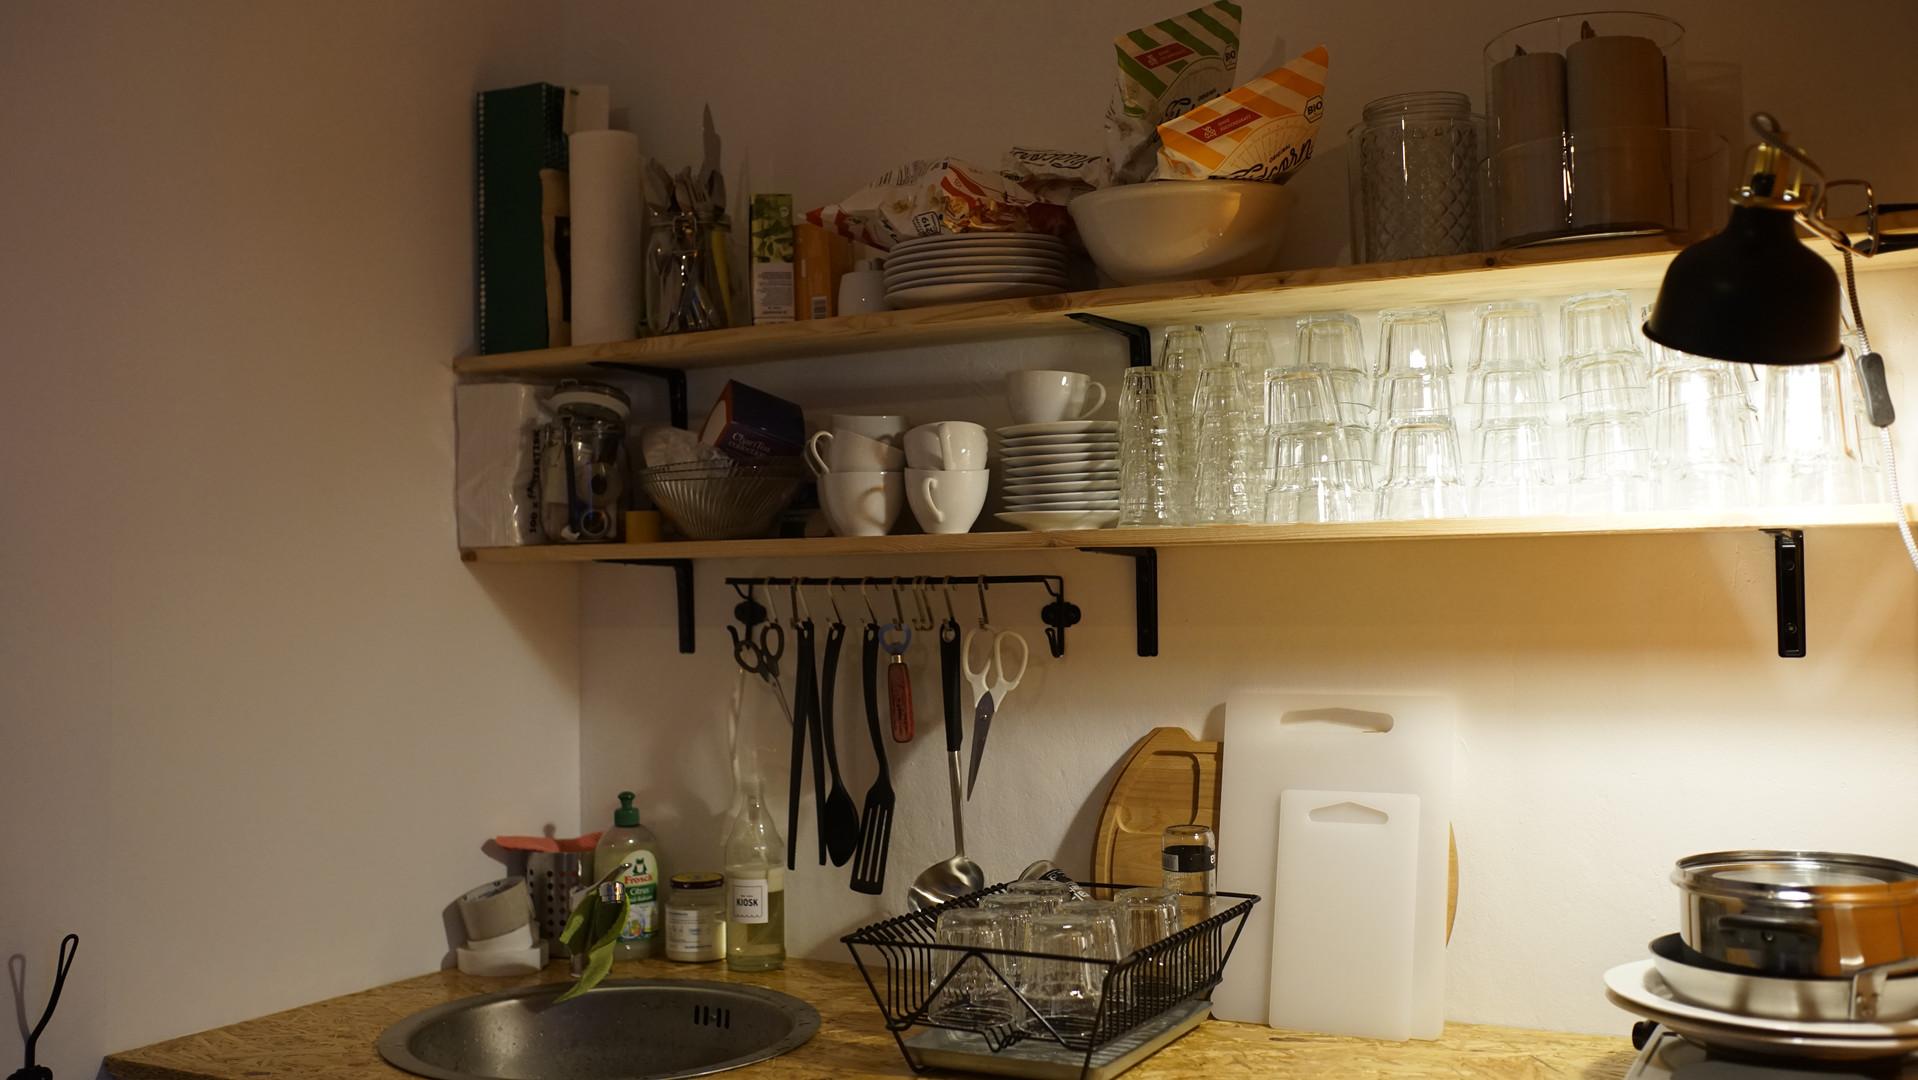 Kleine Küche mit Wasseranschluss und Kühlschrank